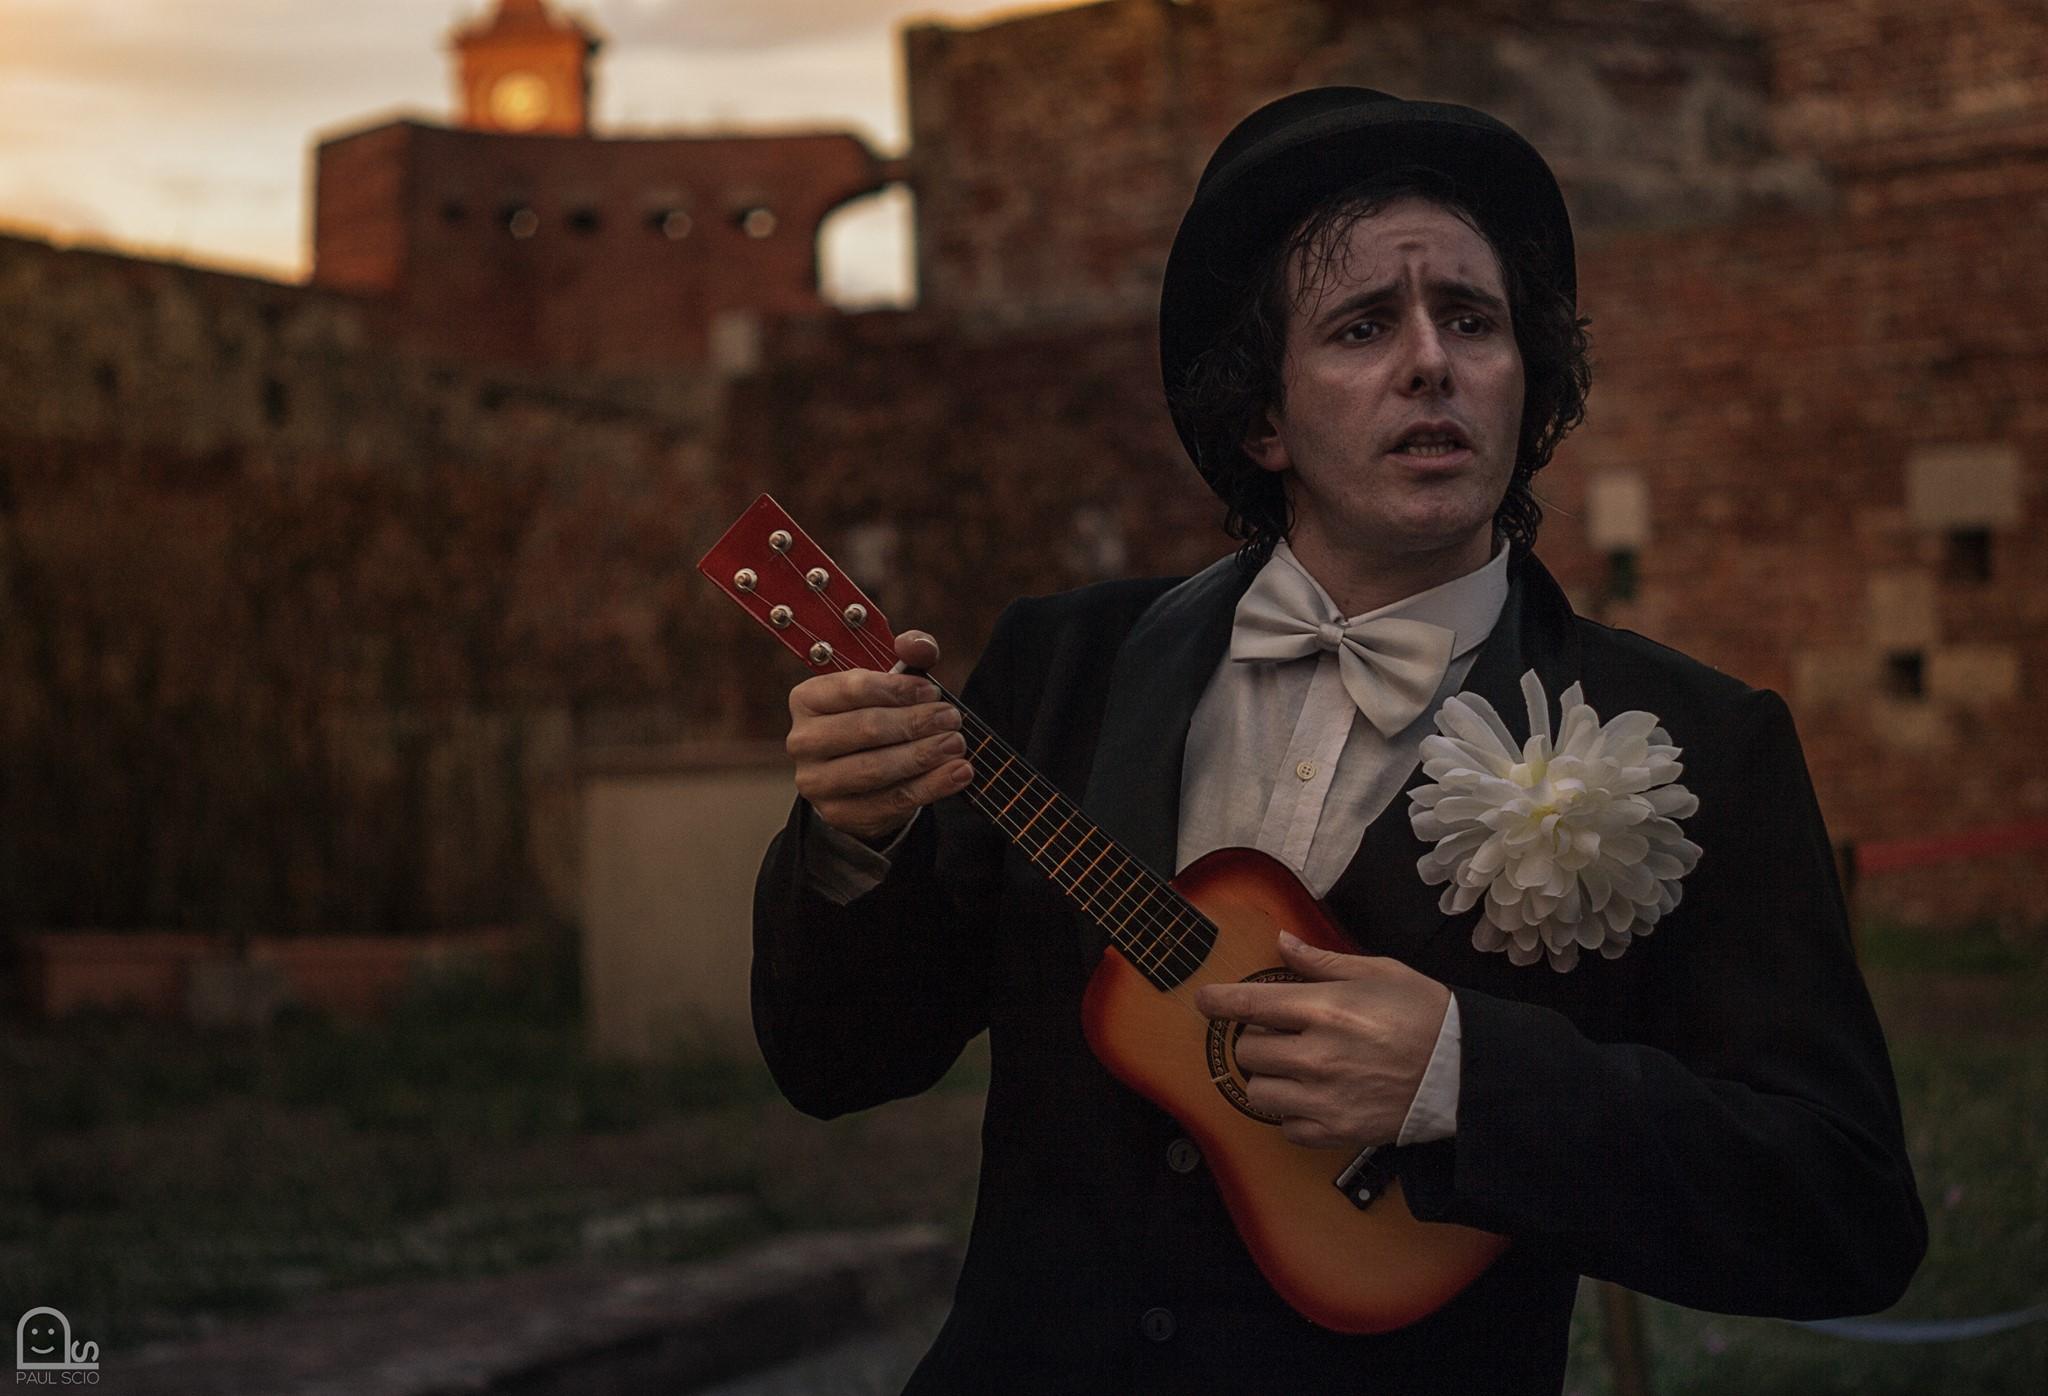 Andrea Barbieri interpreta Rino Gaetano in questo scatto di Paul Scio